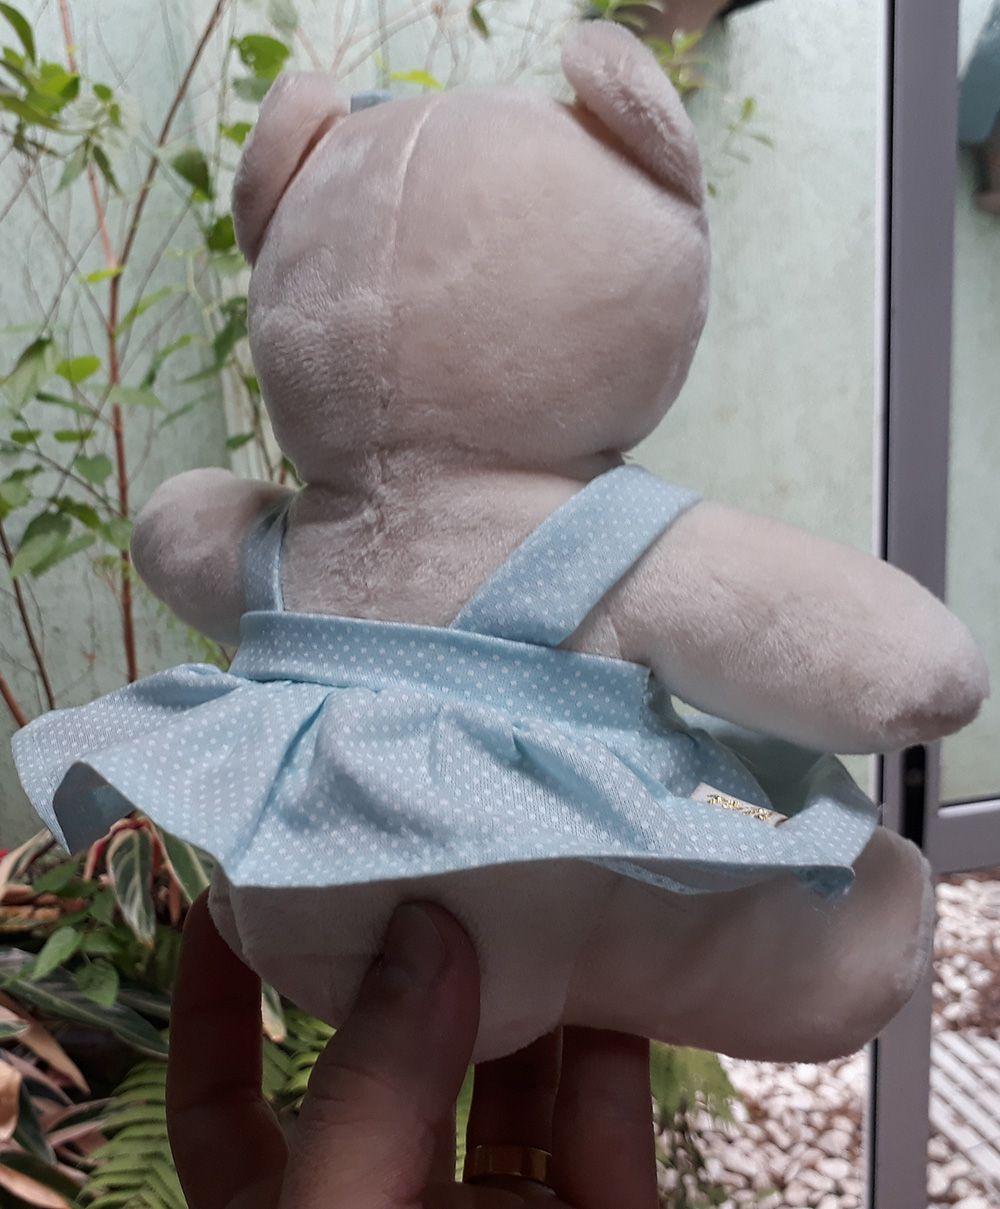 Mini Urso de Pelúcia Vestido Azul com Bolinhas 20cm - Ursinho Pequeno para decoração presente aniversário namorada artesanato enfeite quarto nicho decorações festas intantil bebê neném criança